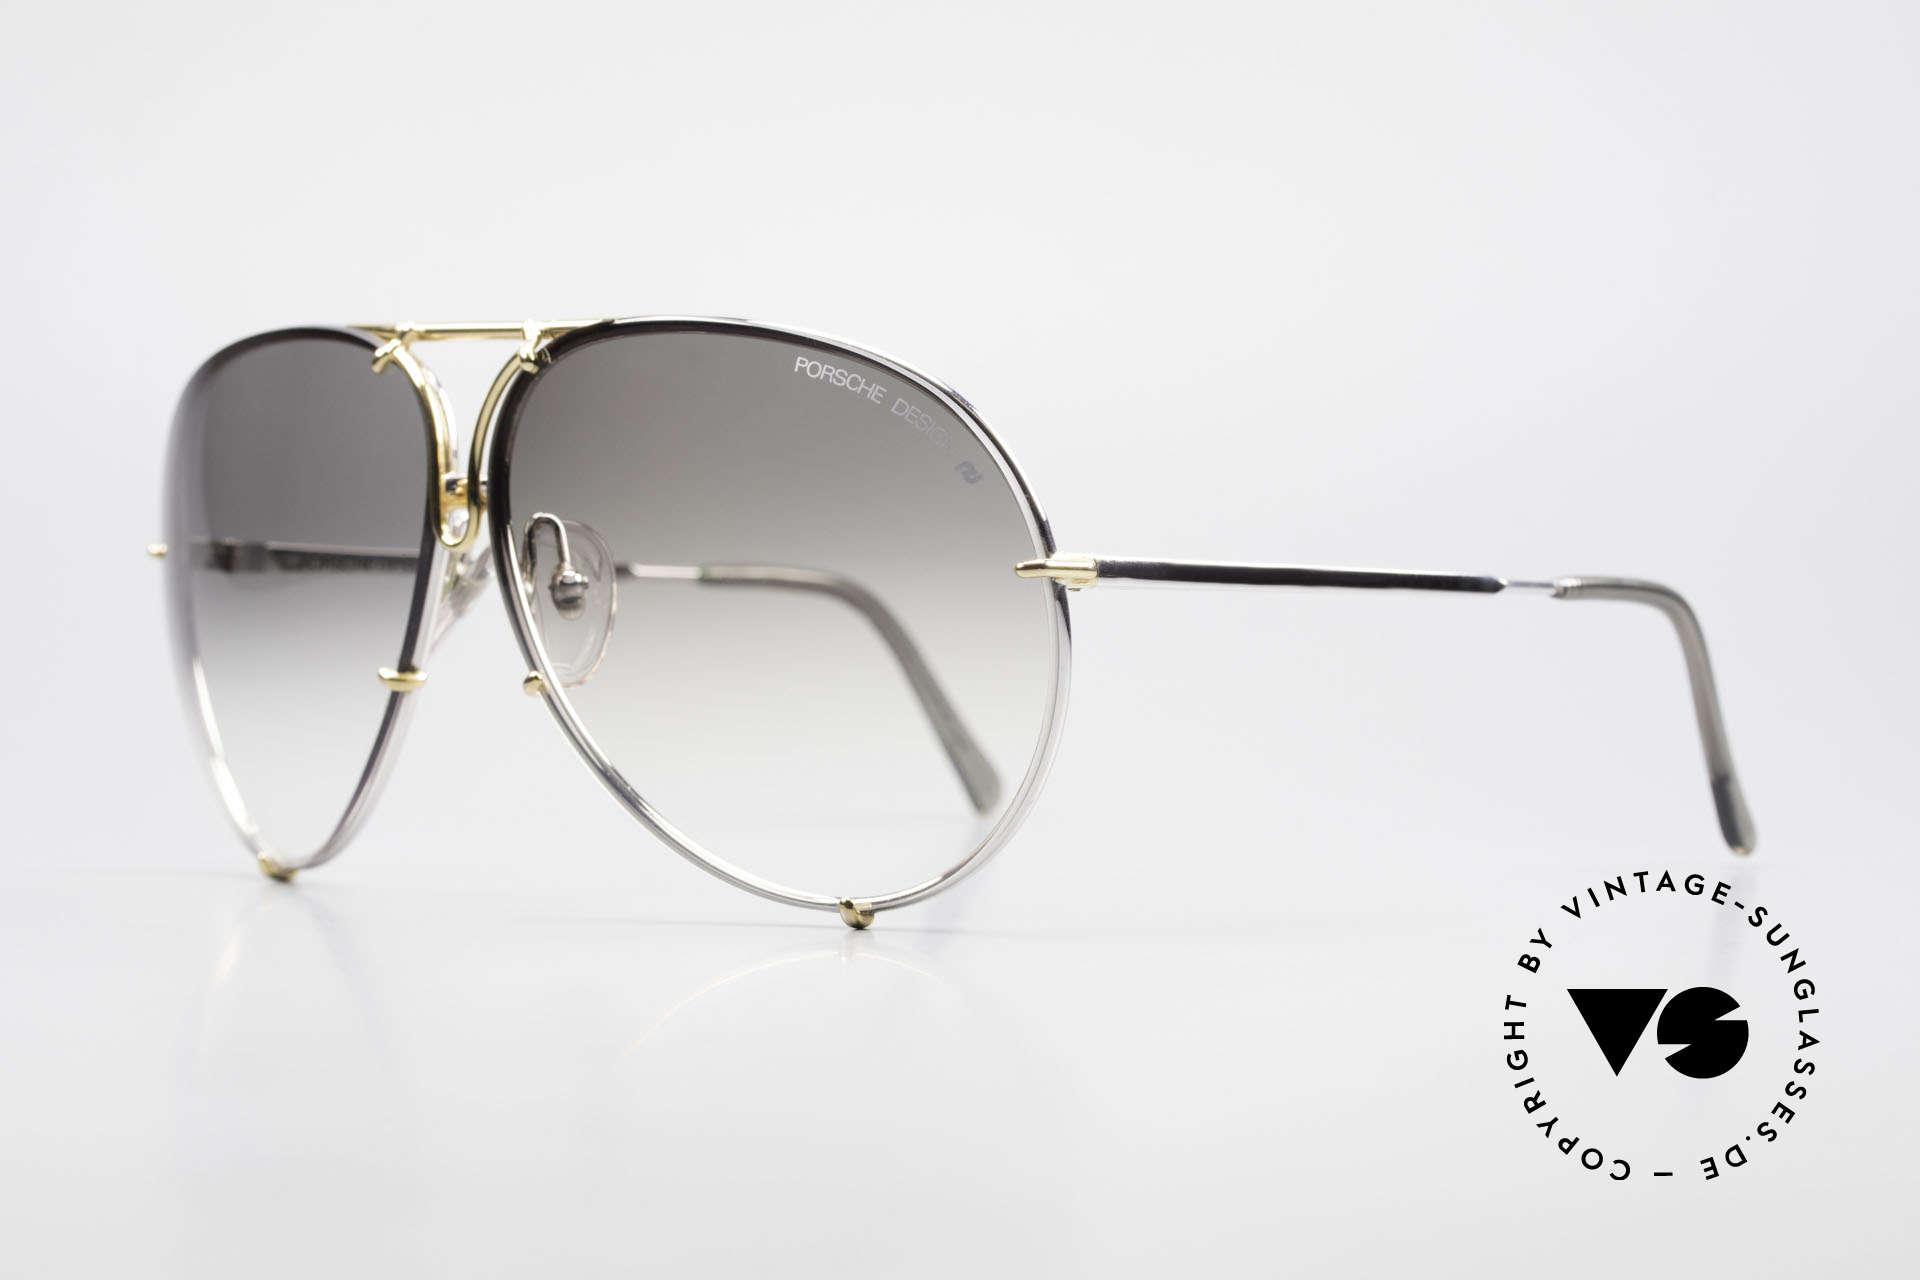 Porsche 5621 1980er Sonnenbrille Bicolor, 2 Paar Wechselgläser: grün/grau-Verlauf und 1x grau, Passend für Herren